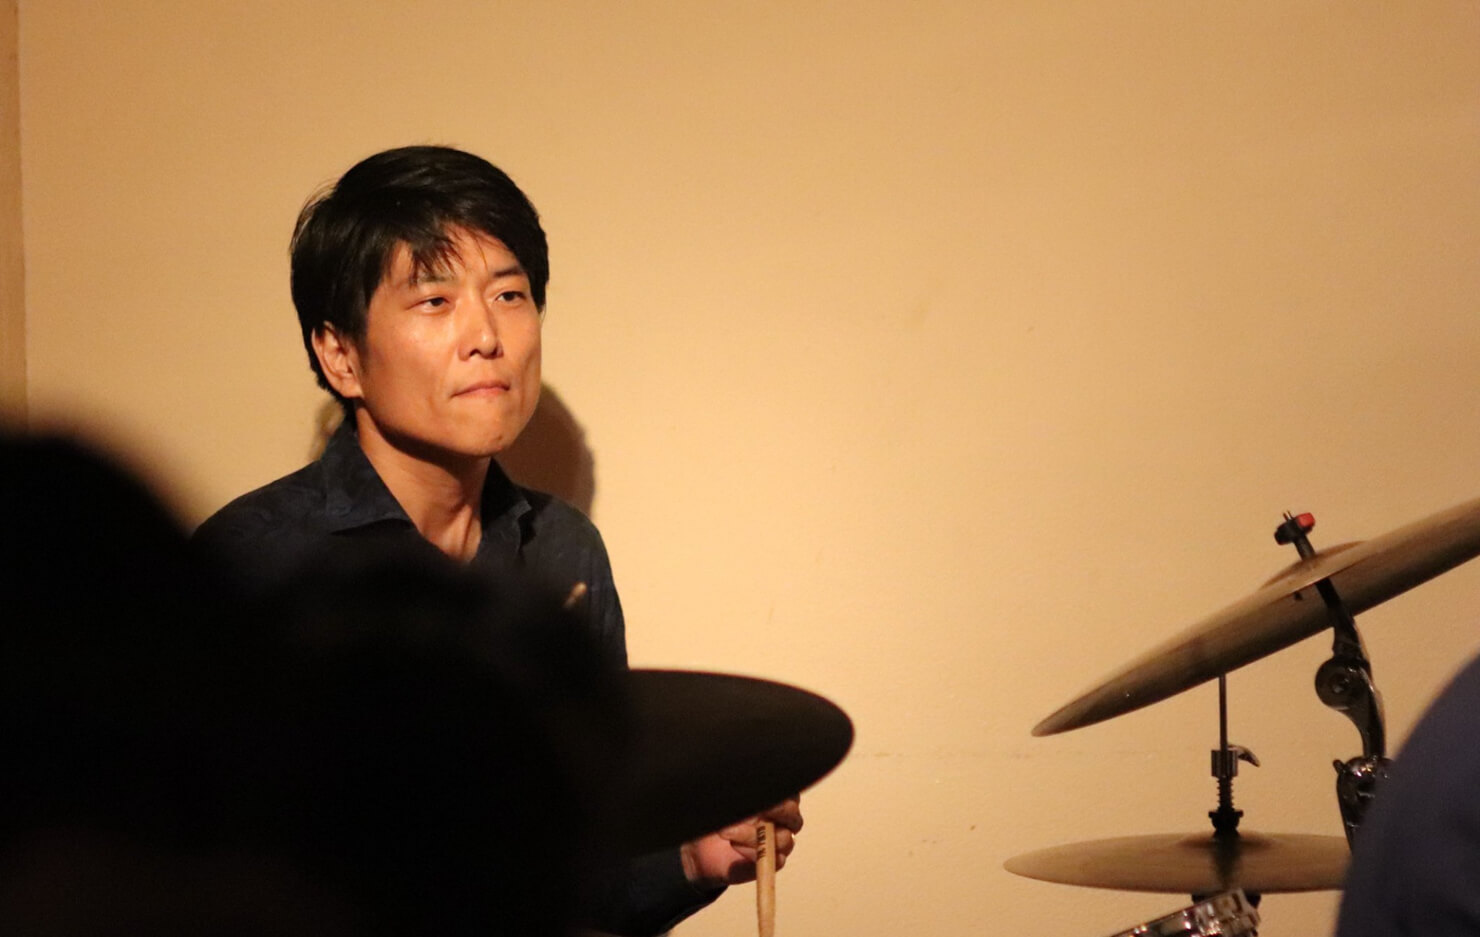 海野俊輔さんが演奏している写真